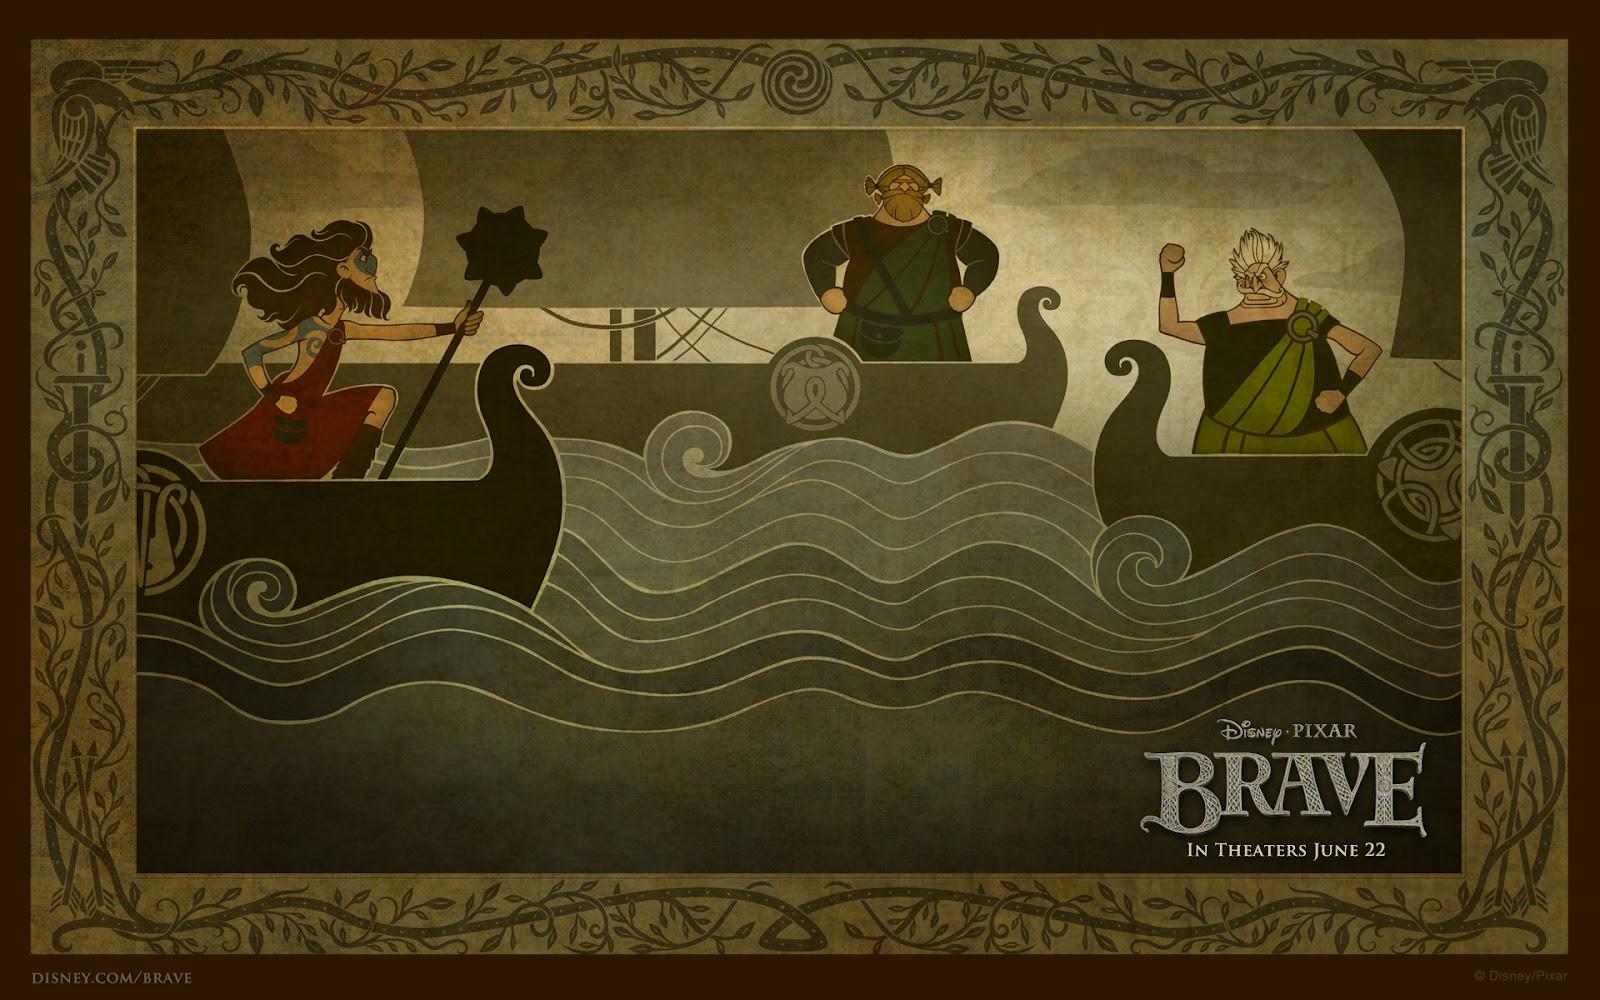 """Teodora's Book Reviews: """"Brave"""" By Disney"""